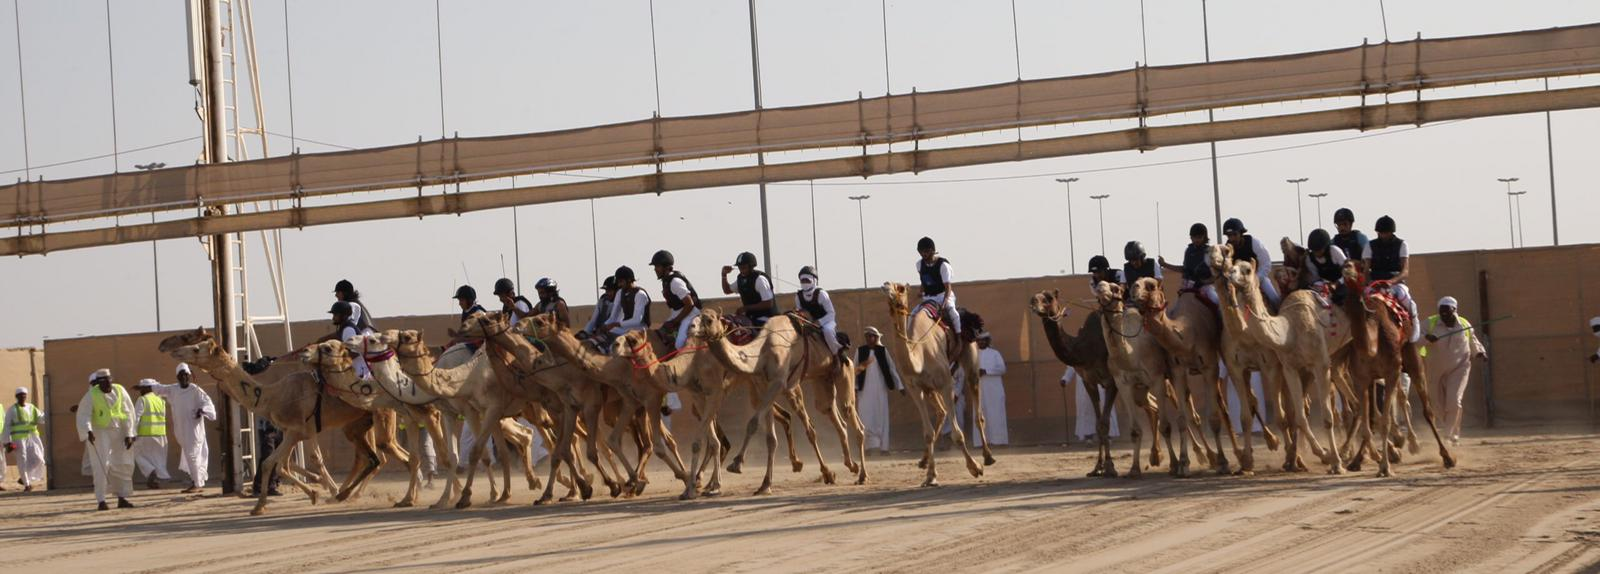 سباق الهجن التراثي يقام الجمعة 4 ديسمبر